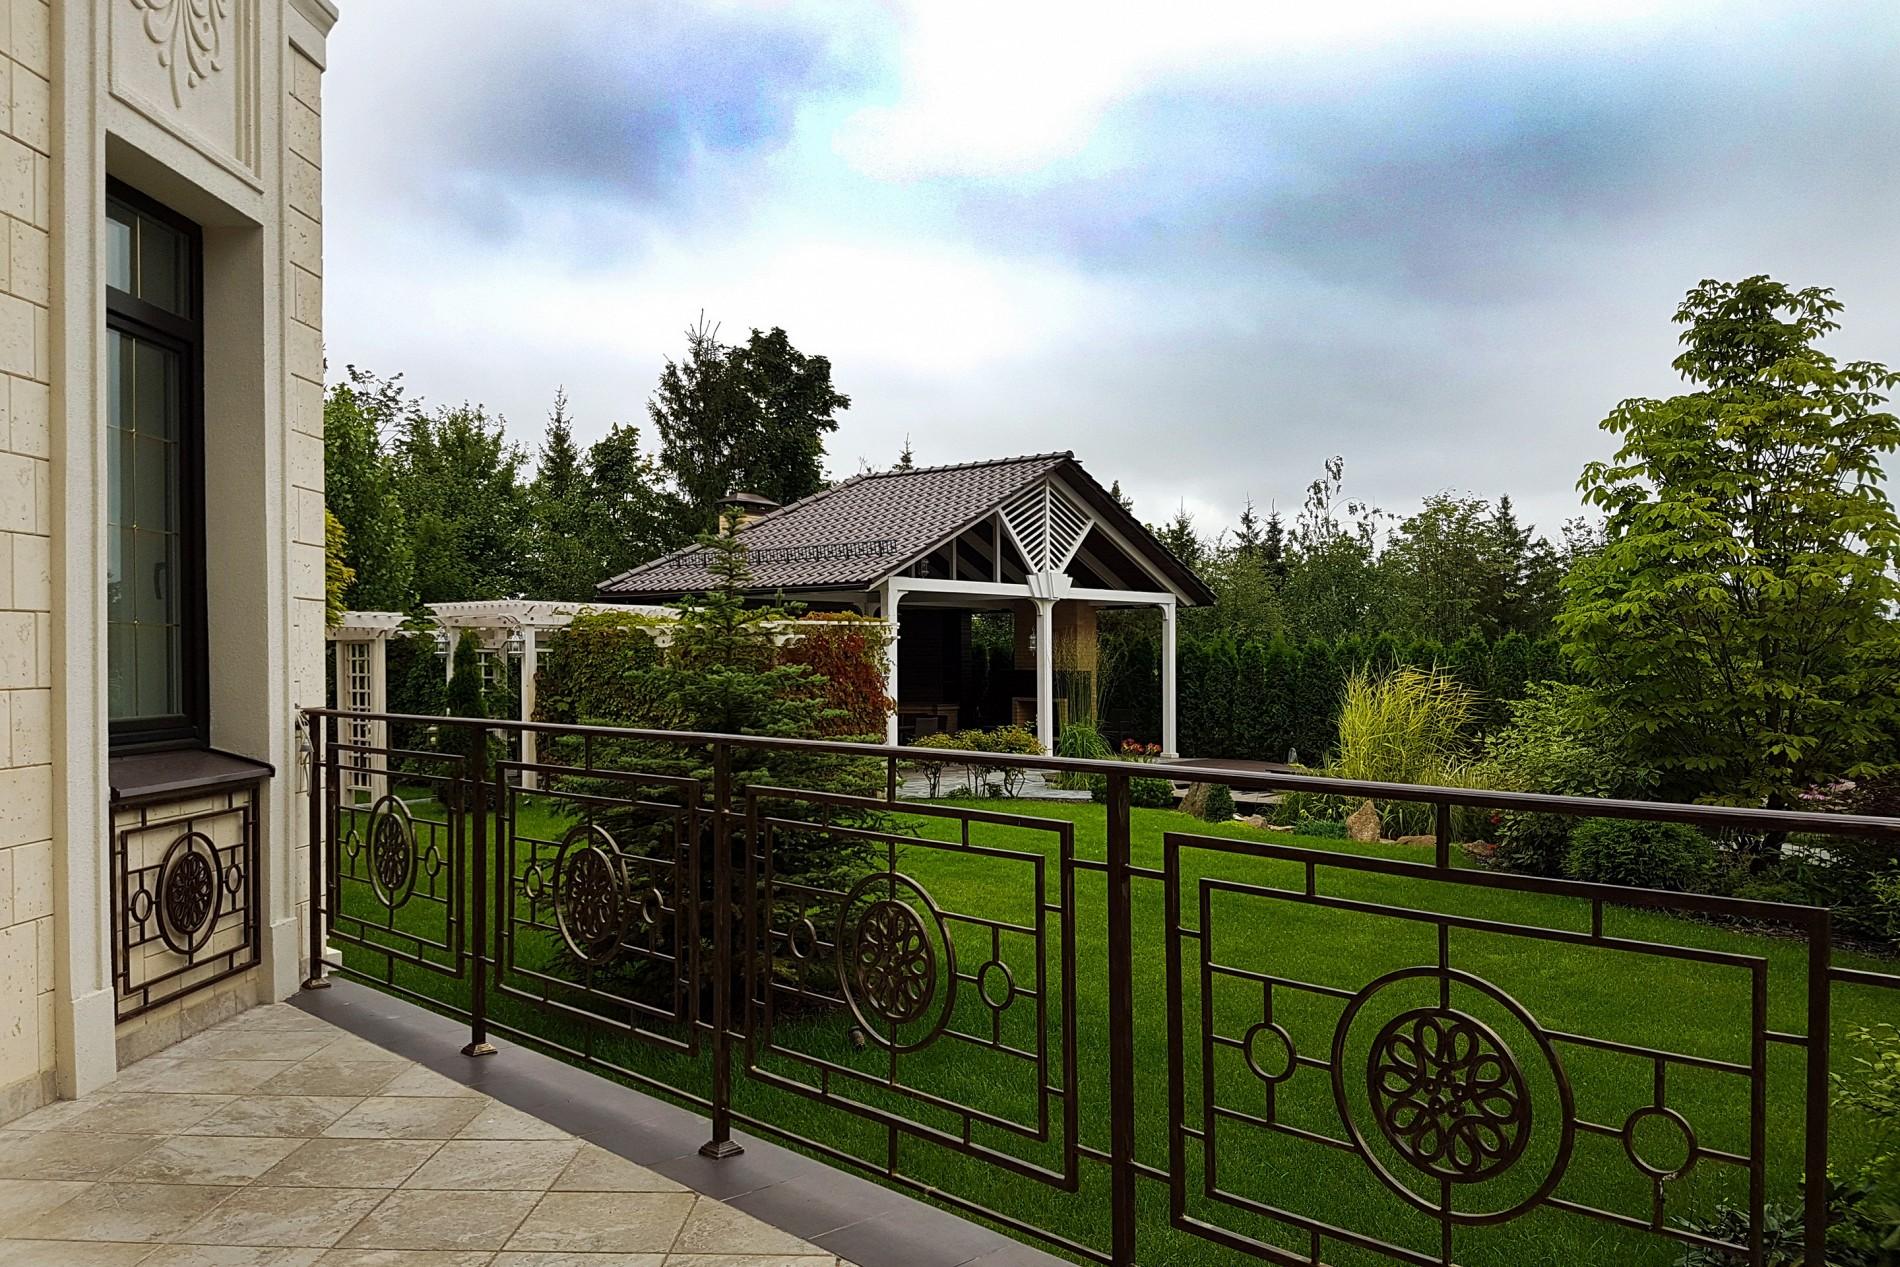 Кованные перила загородного дома в поселке Миллениум Парк